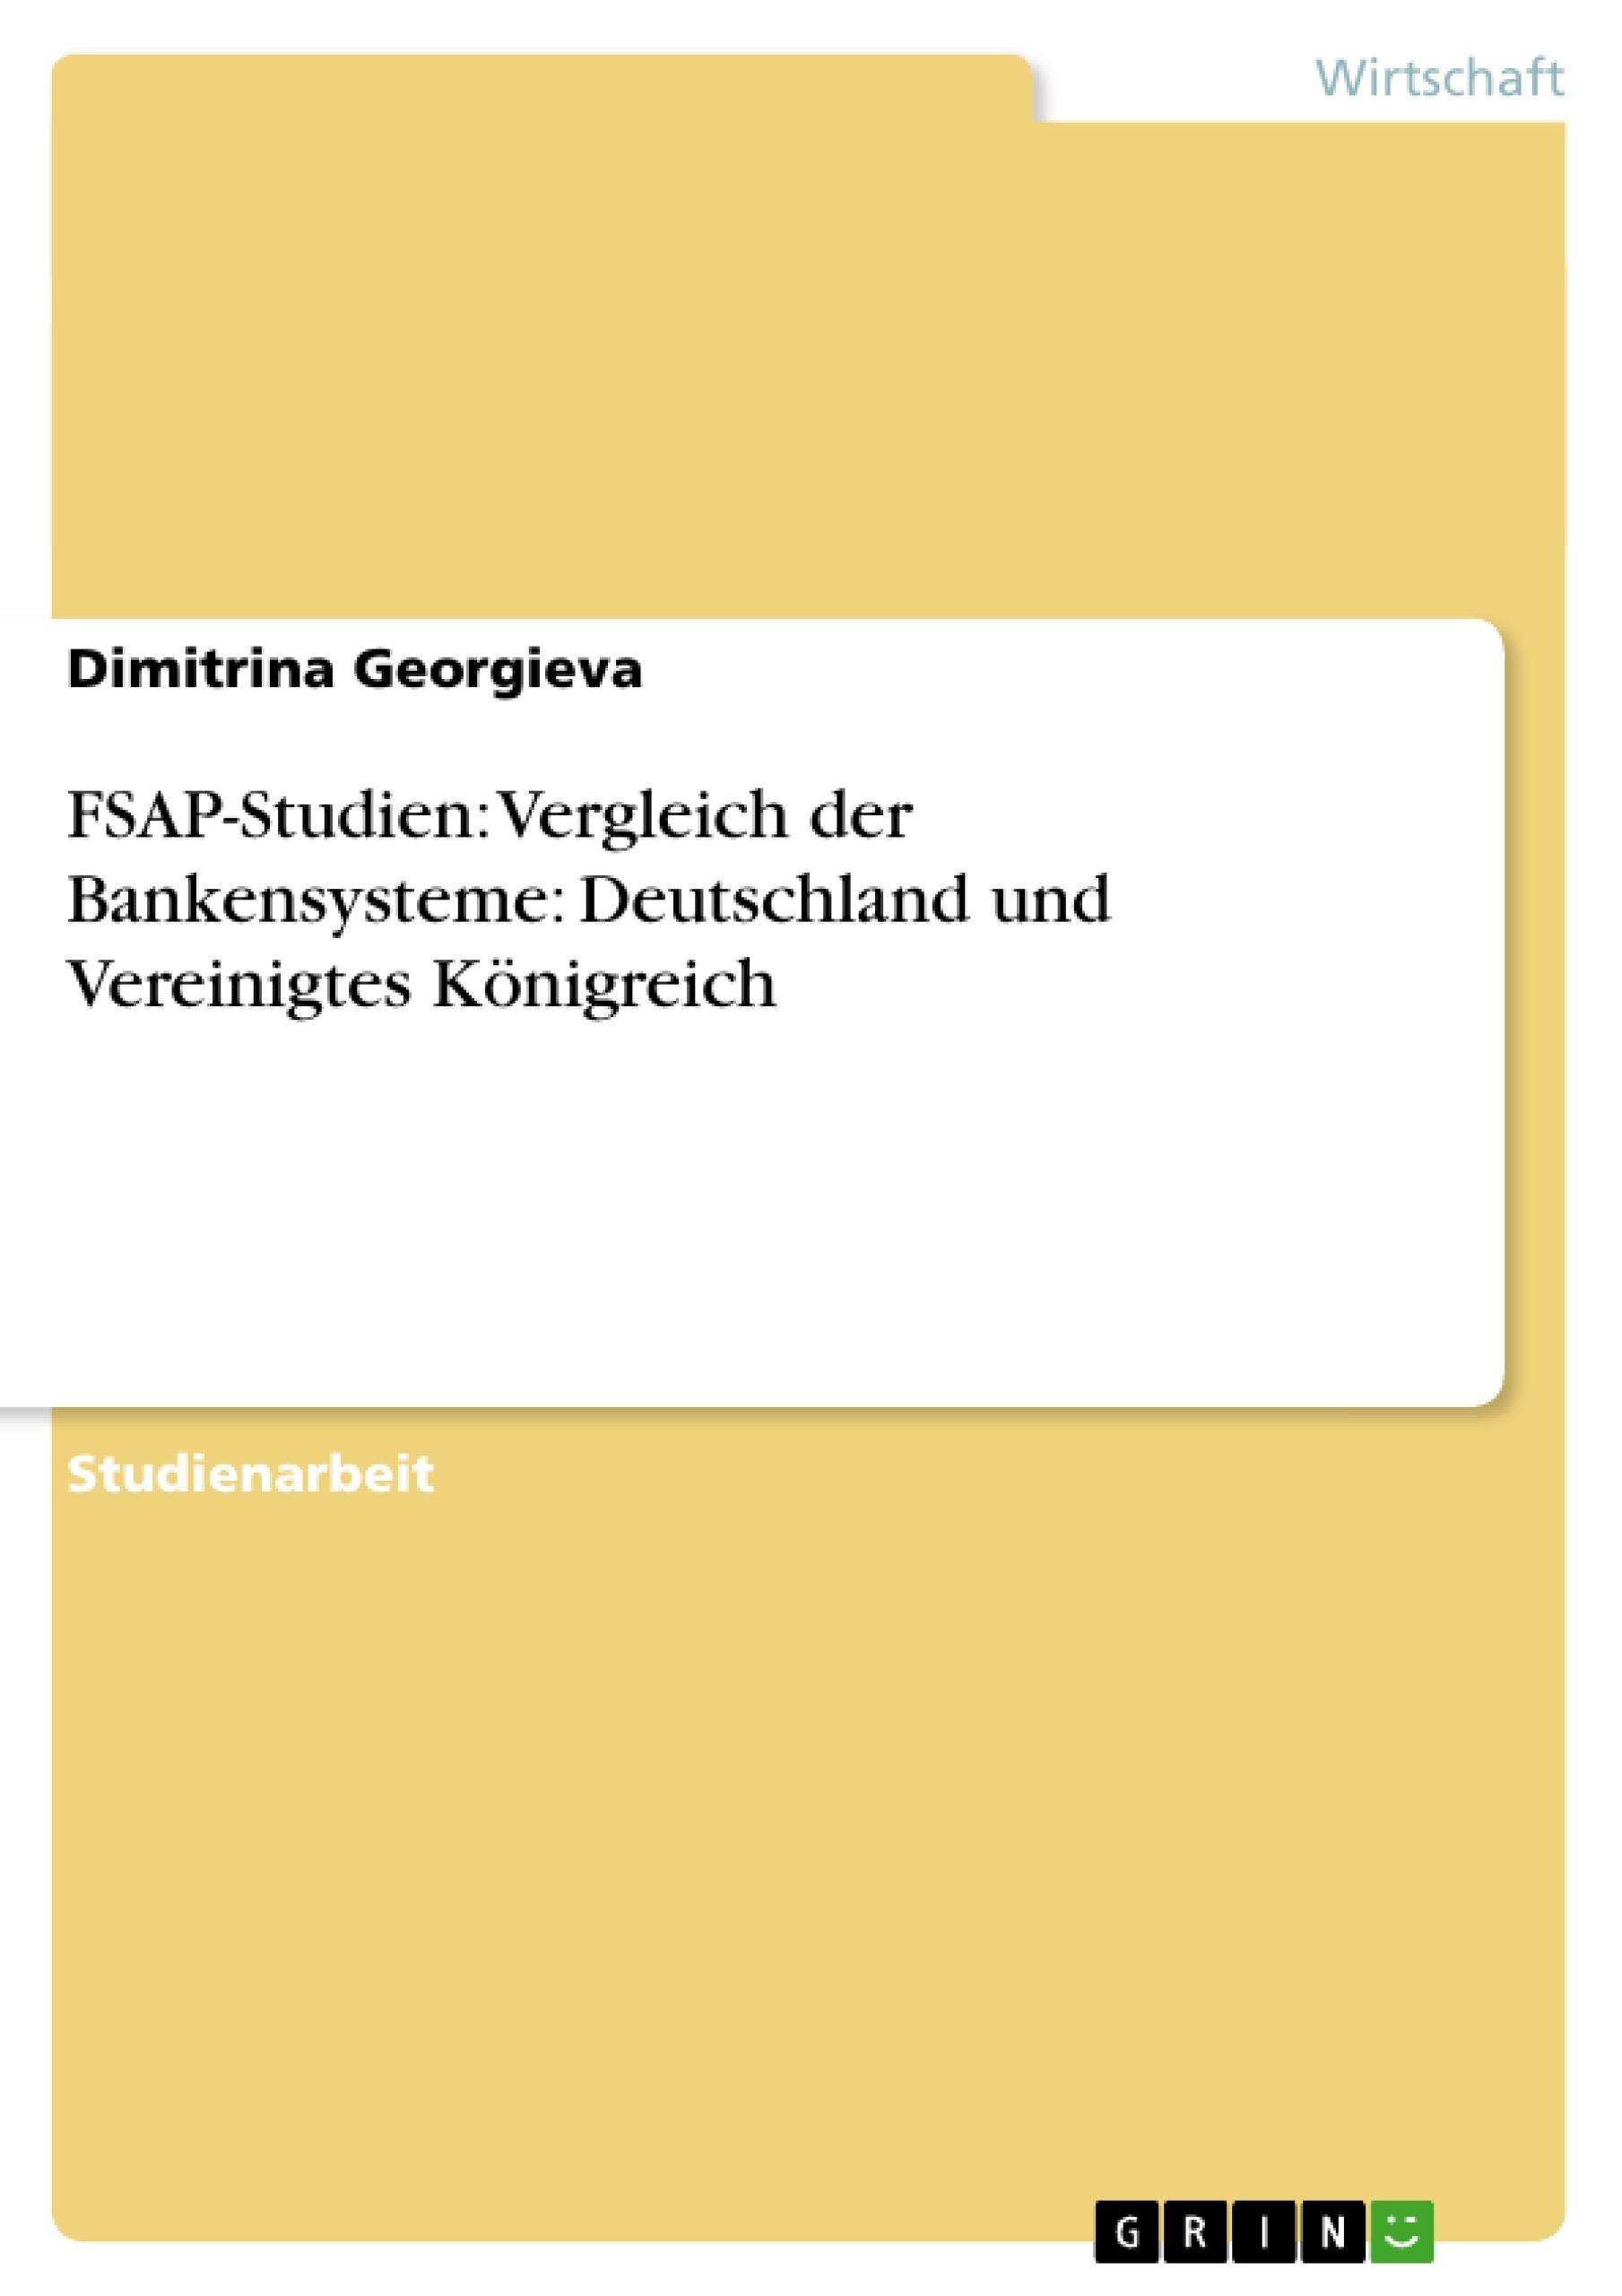 Titel: FSAP-Studien: Vergleich der Bankensysteme: Deutschland und Vereinigtes Königreich